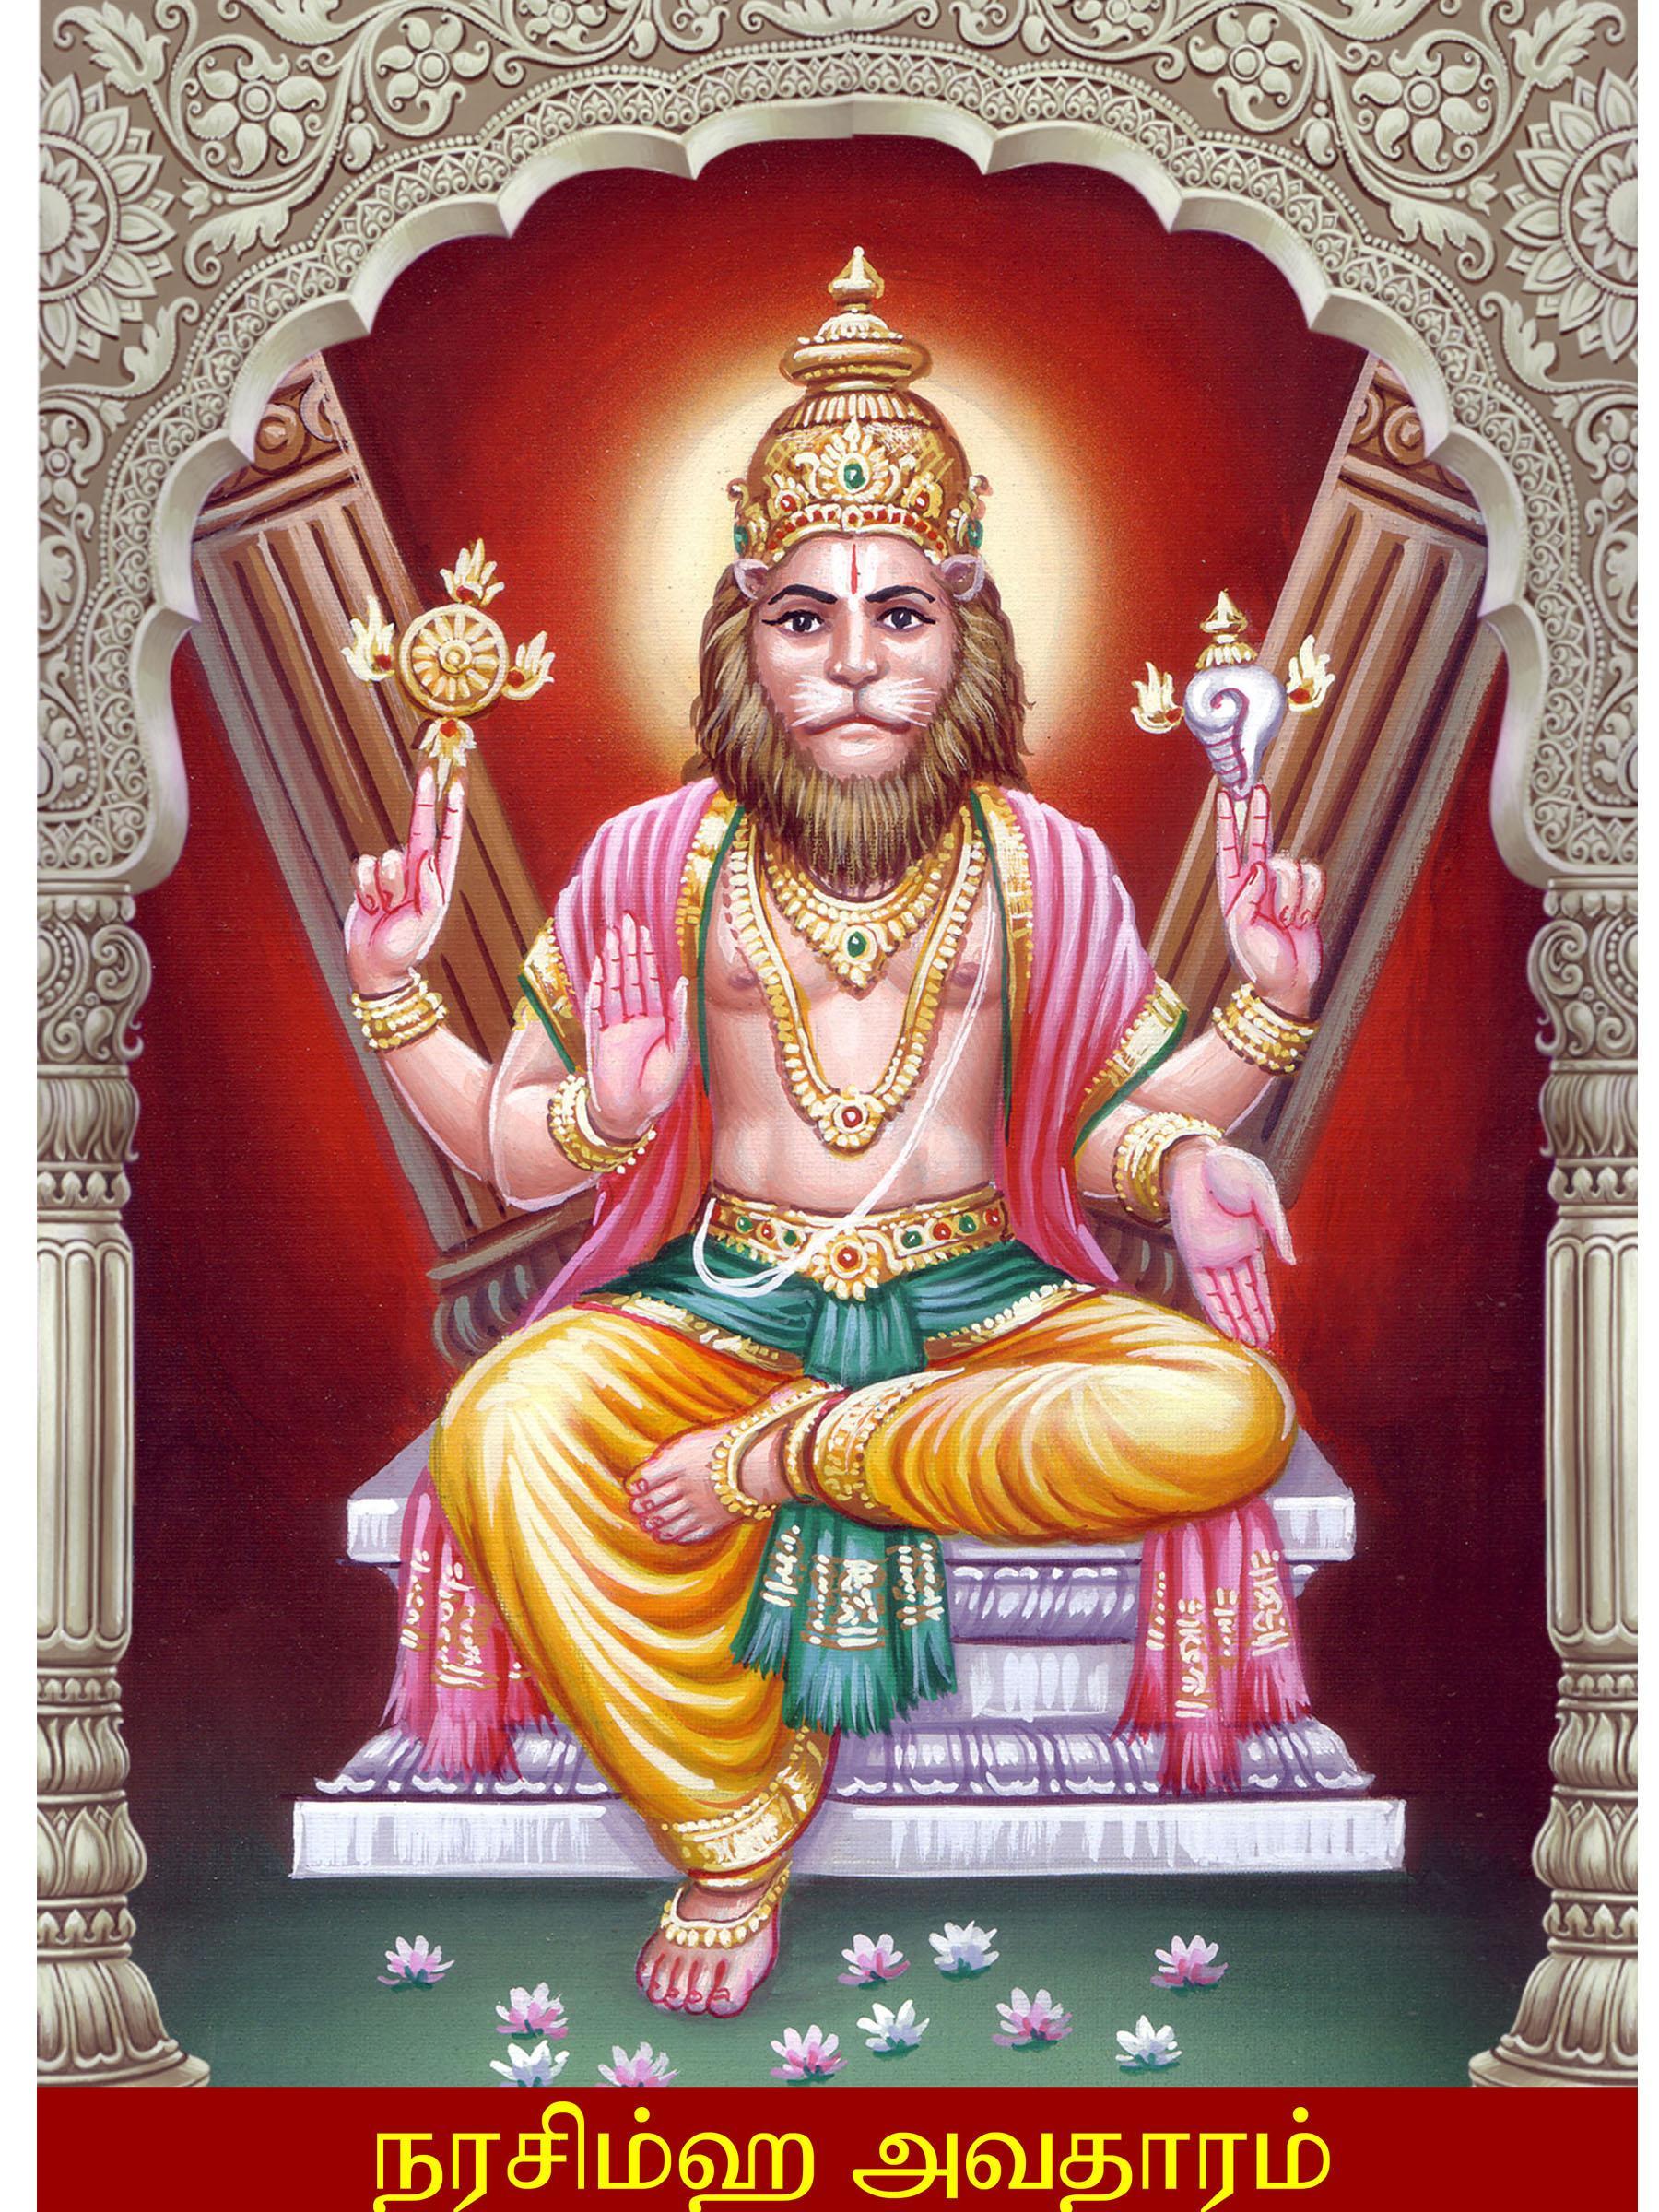 ஸ்ரீநரசிம்மர்